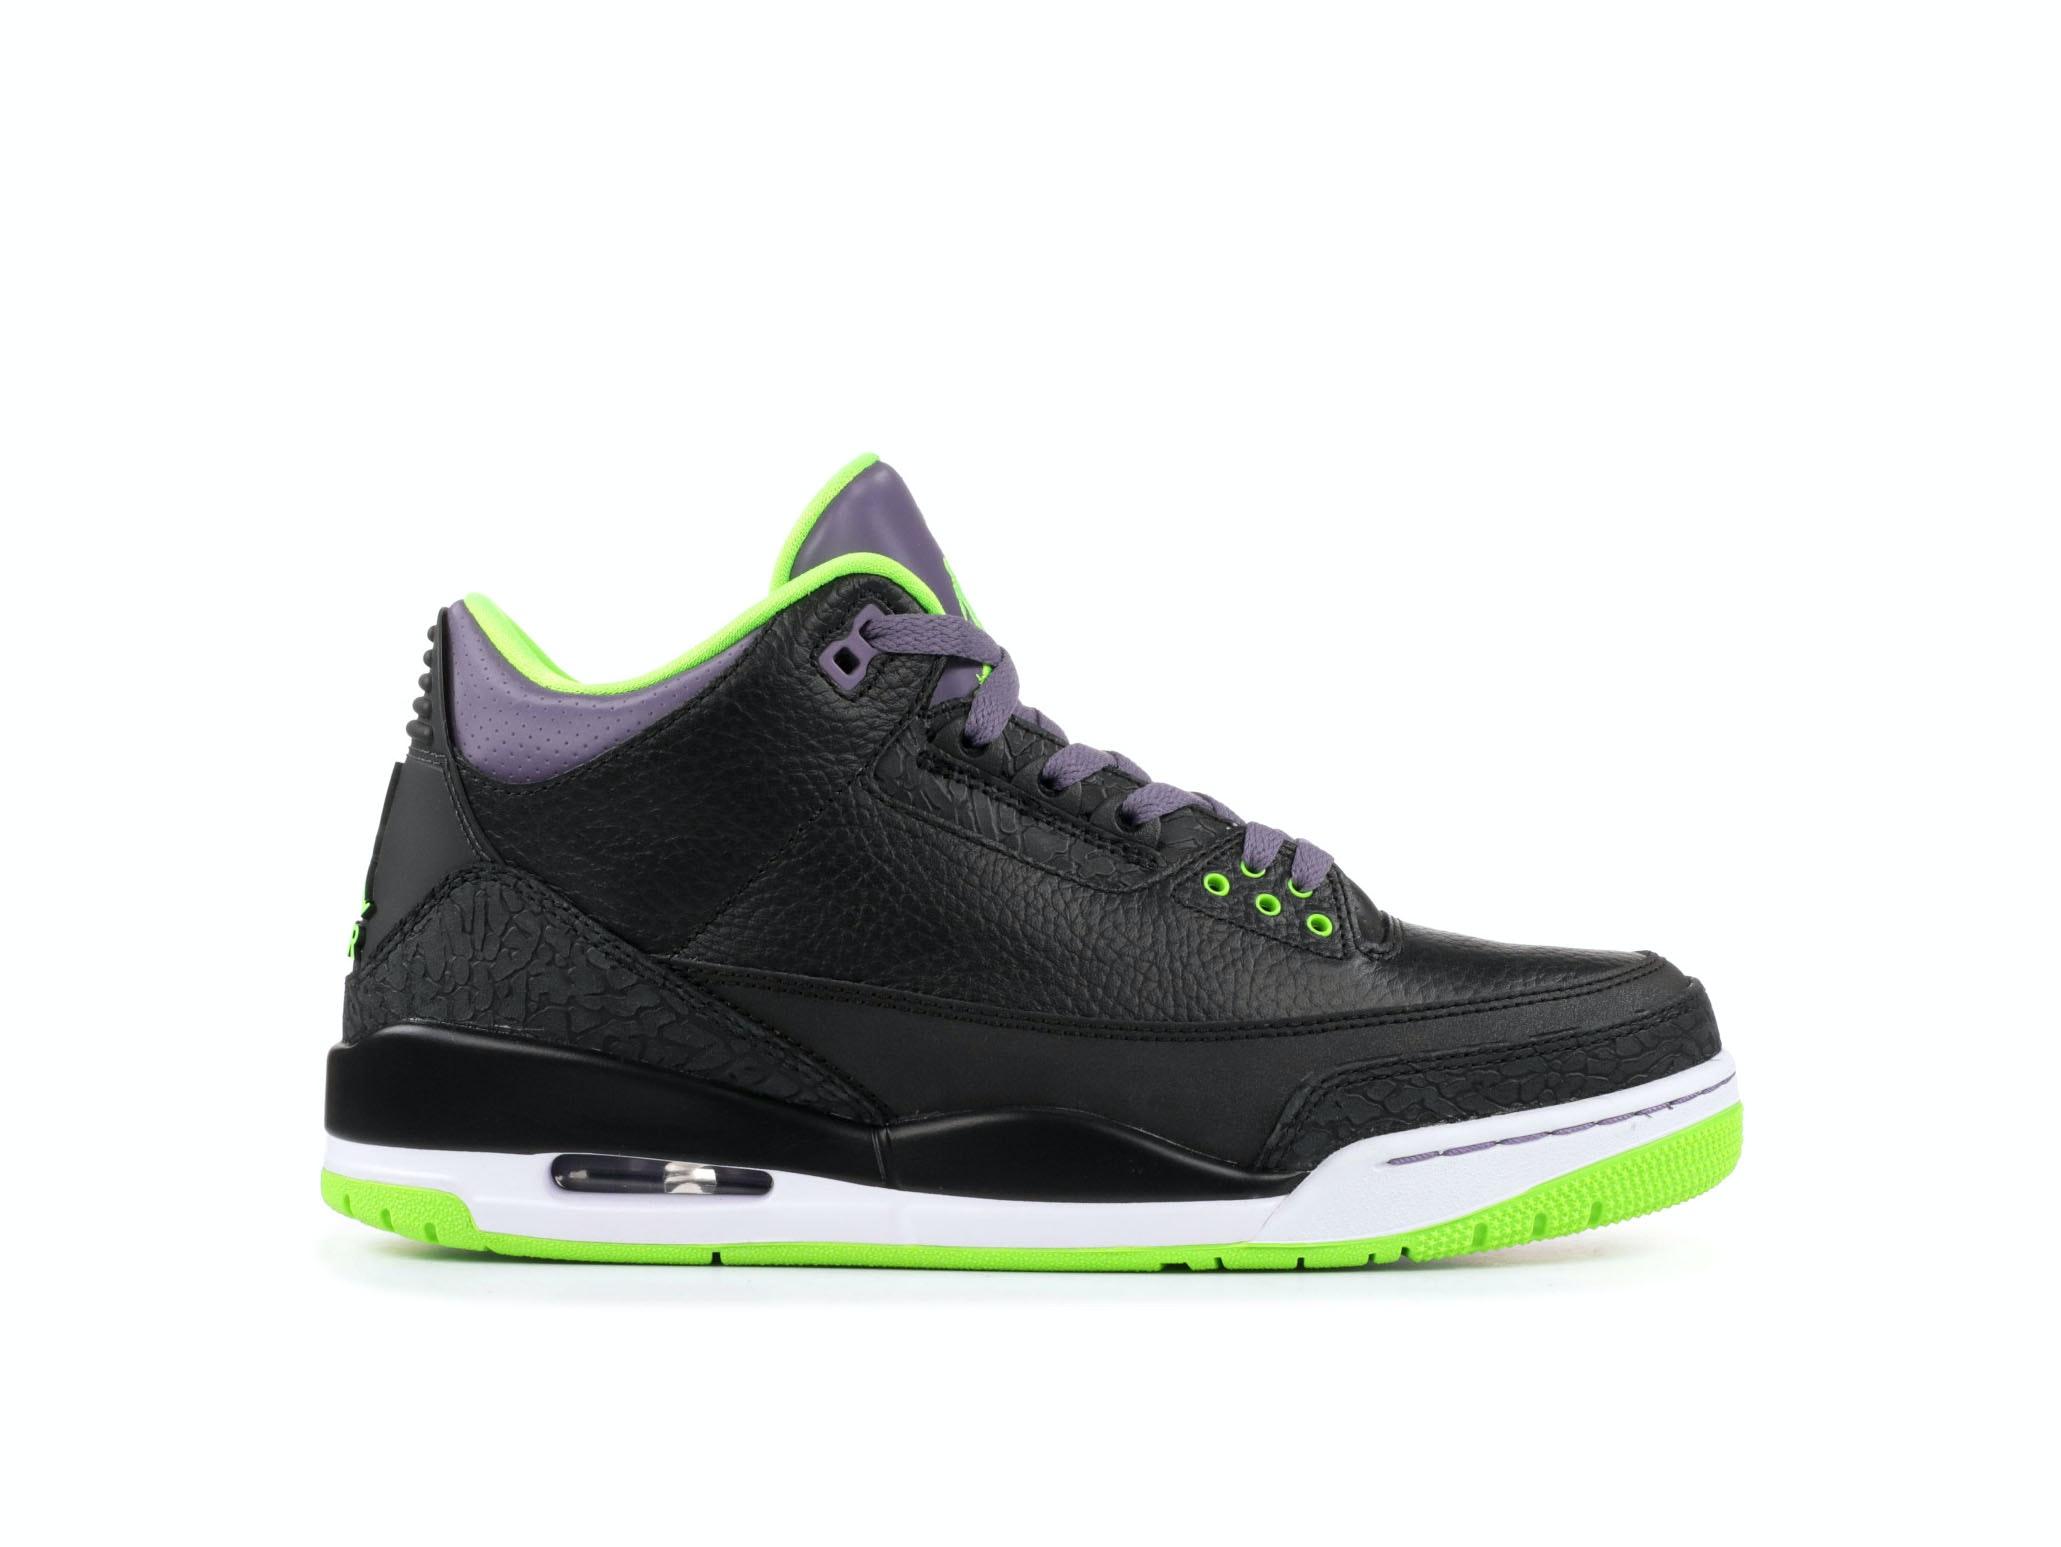 low priced f79ff 95826 Air Jordan 3 Retro Joker